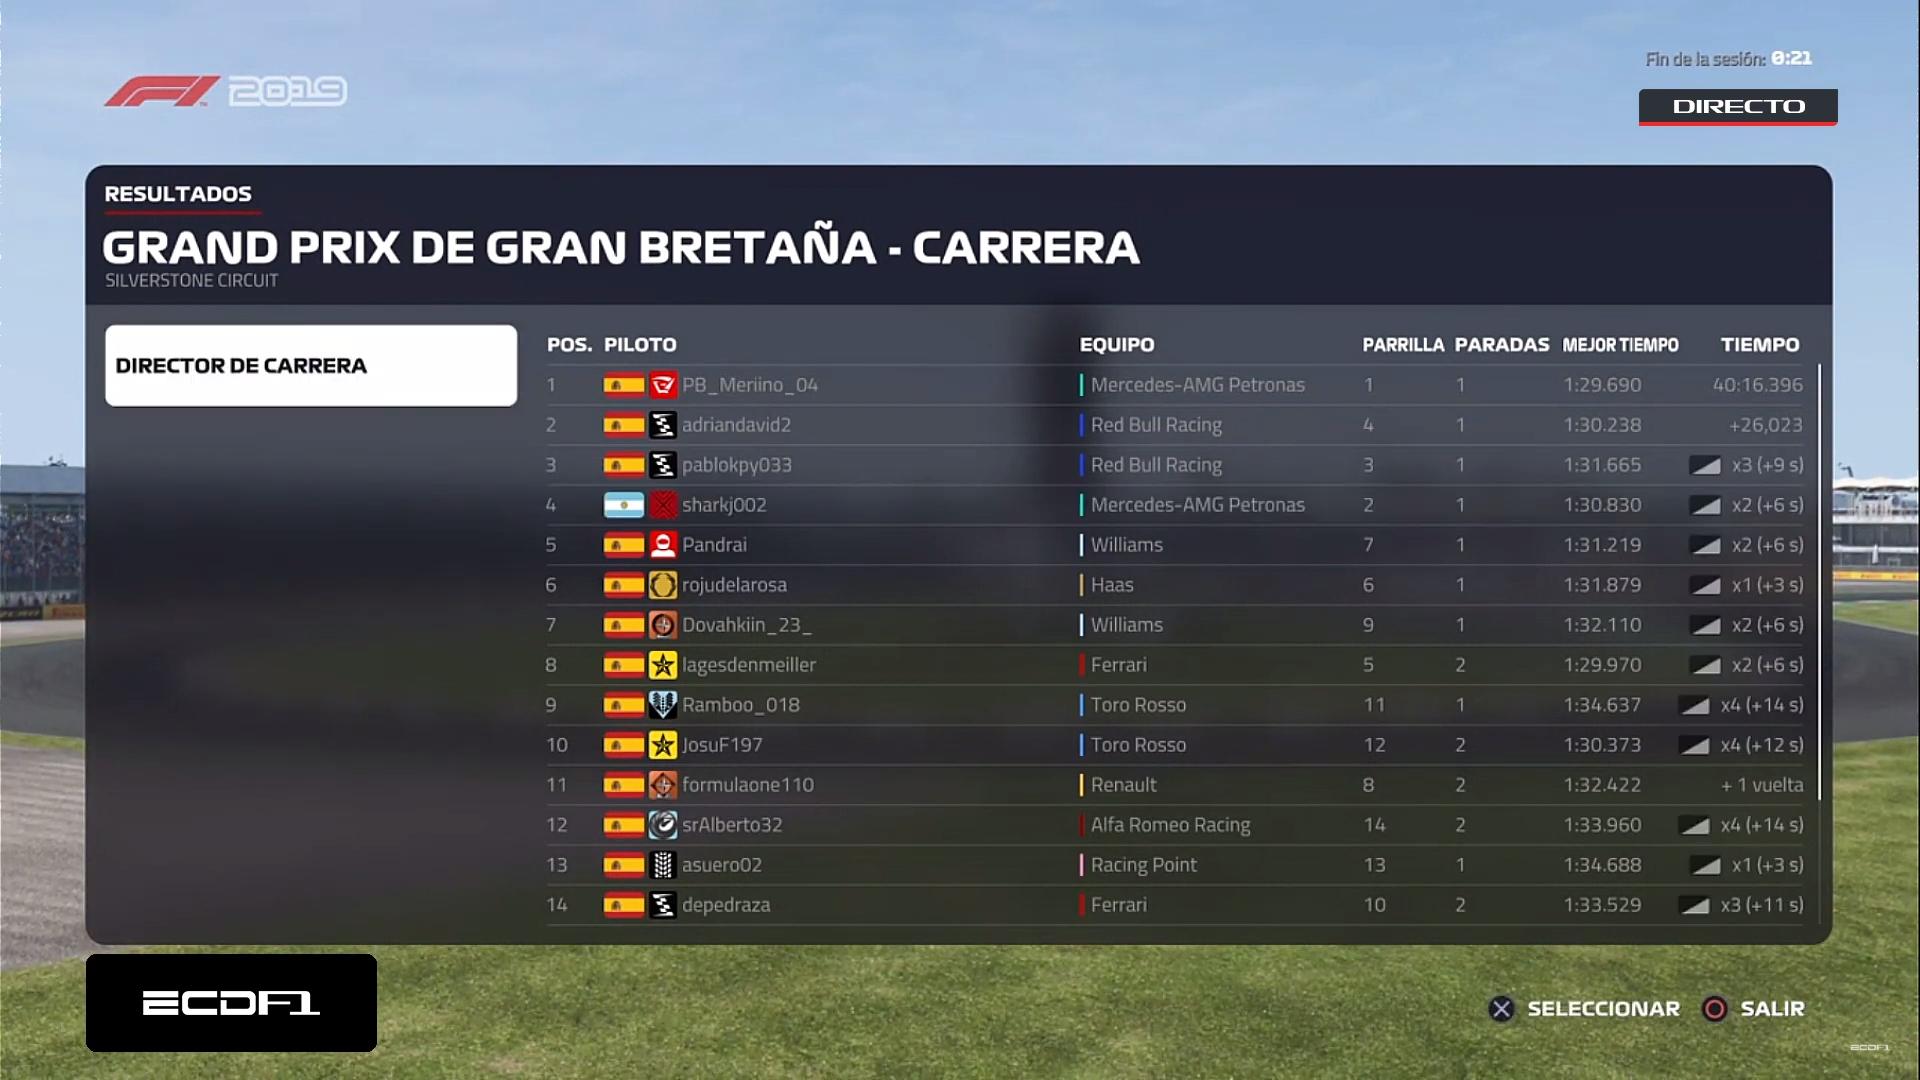 Resultados Gran Premio de Gran Bretaña (F1 2019 PS4 T15) Image